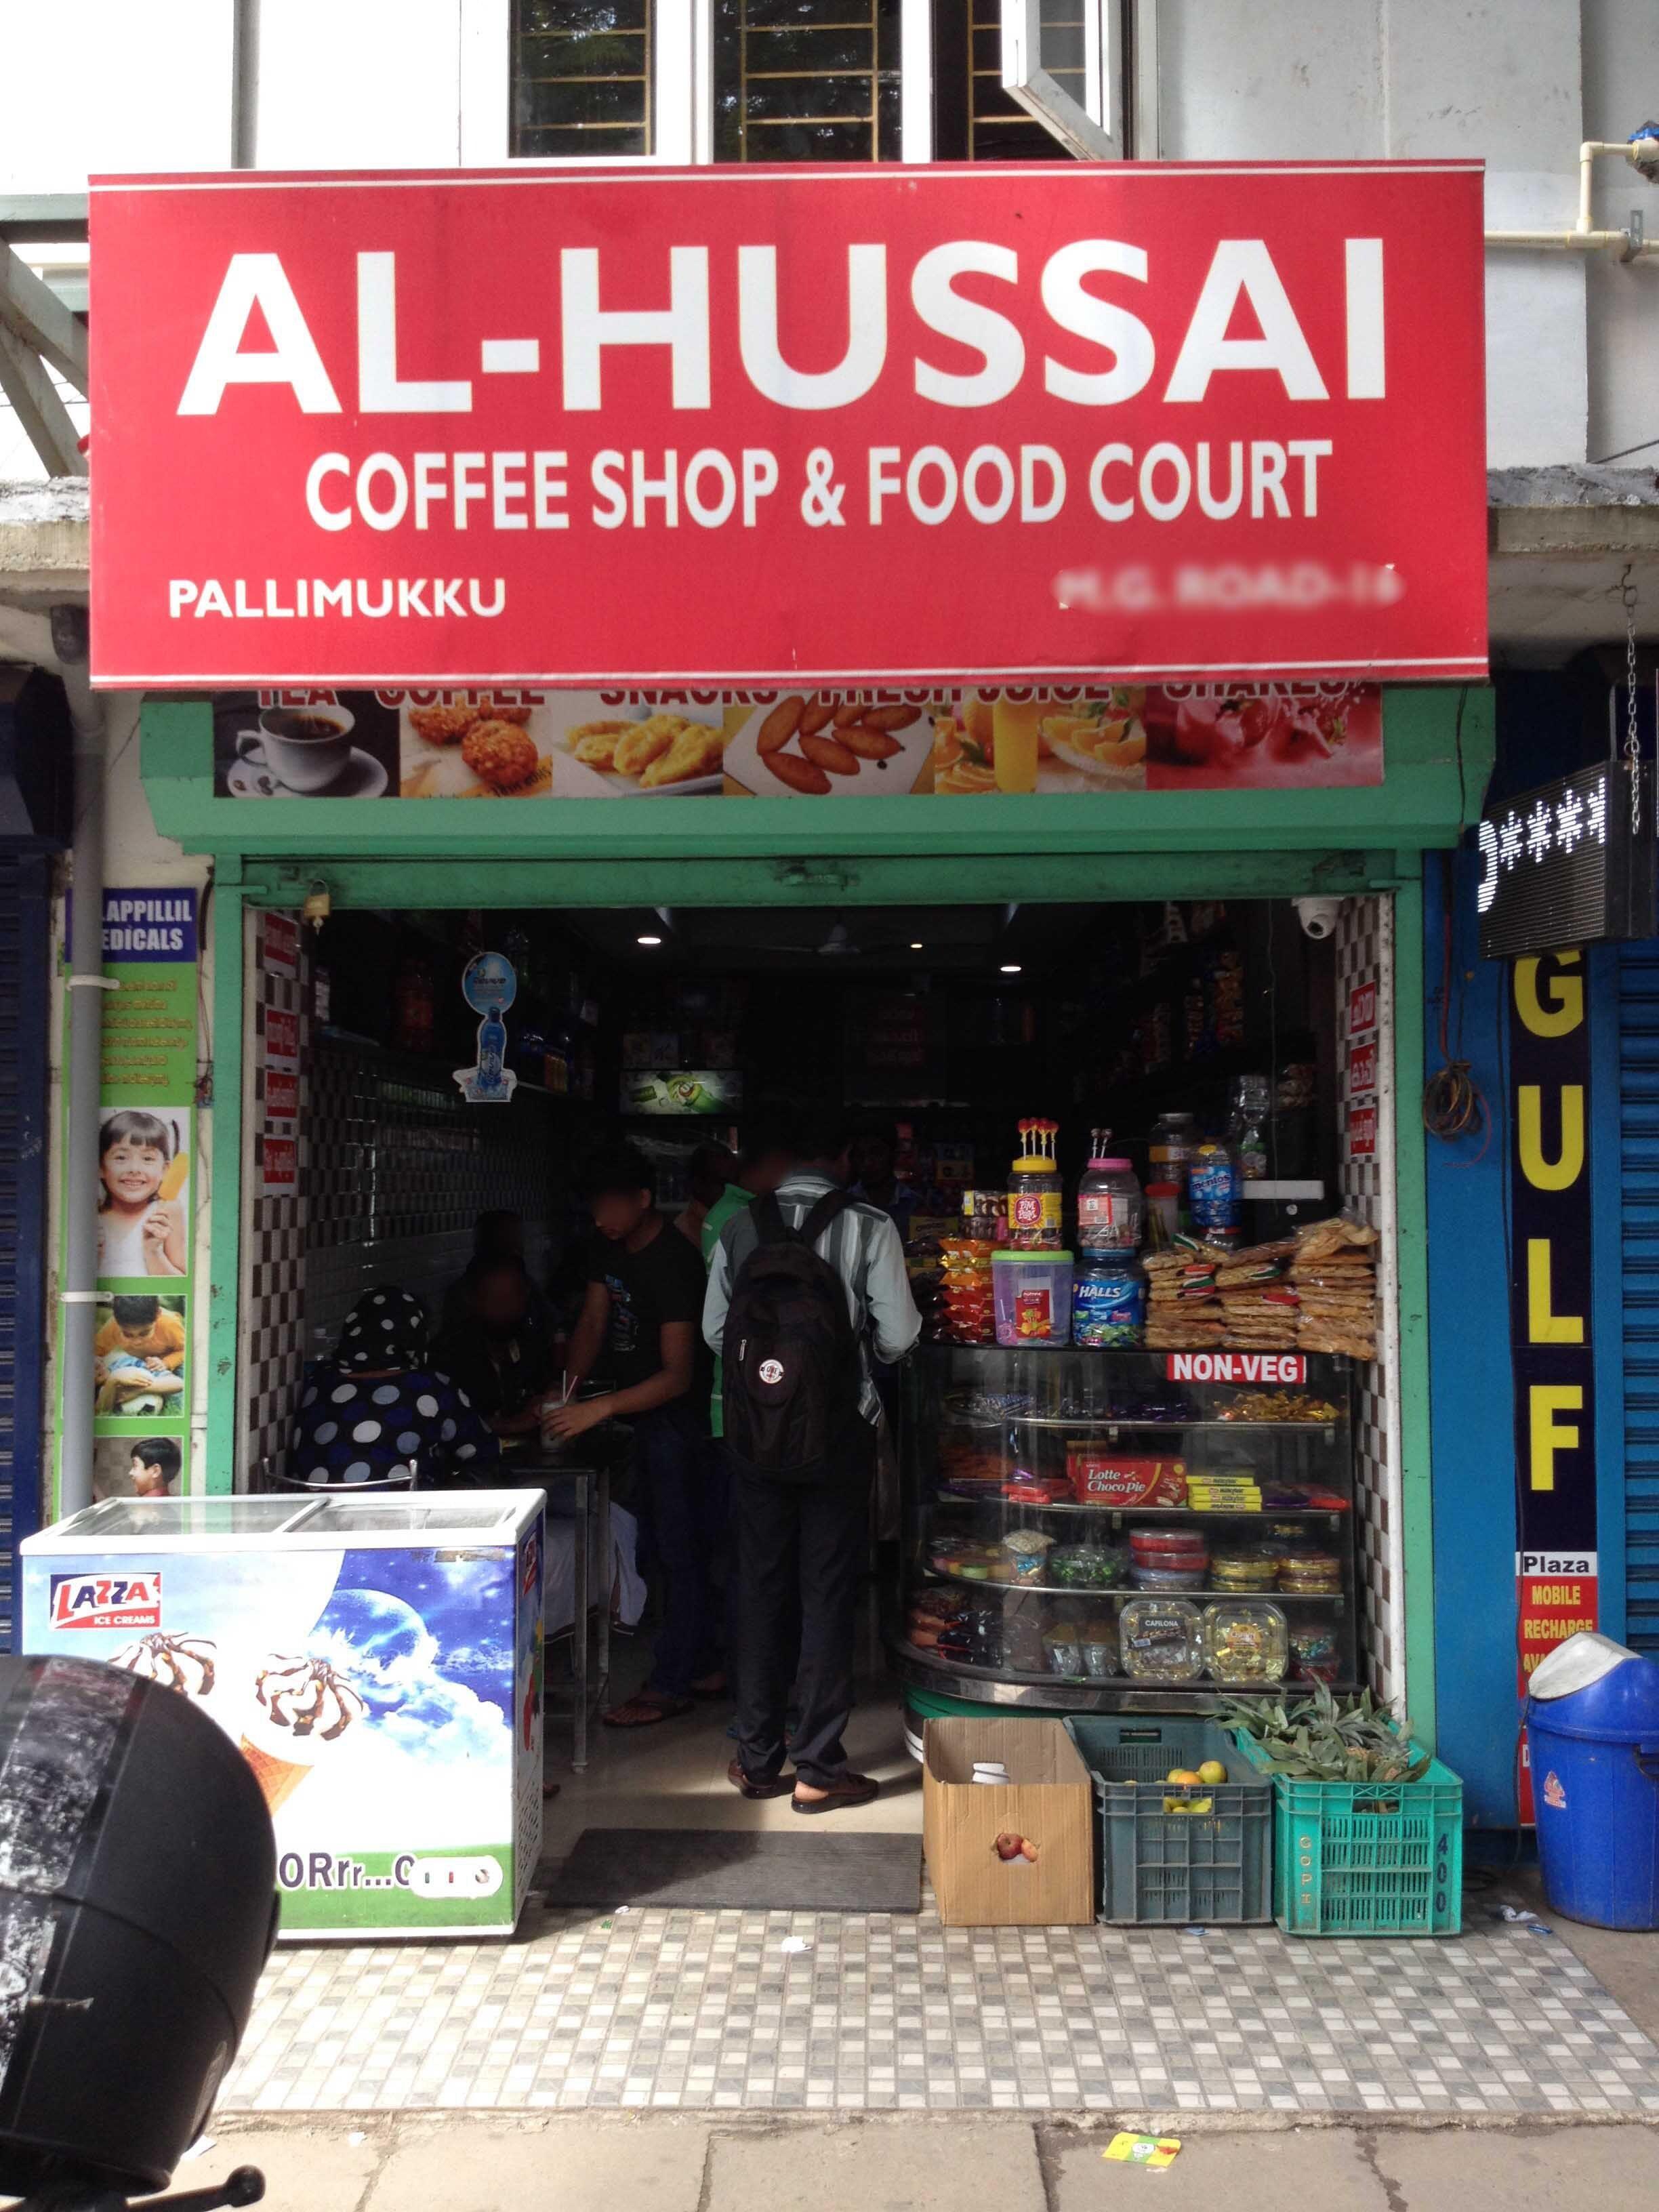 Al Hussai - Pallimukku - Kochi Image